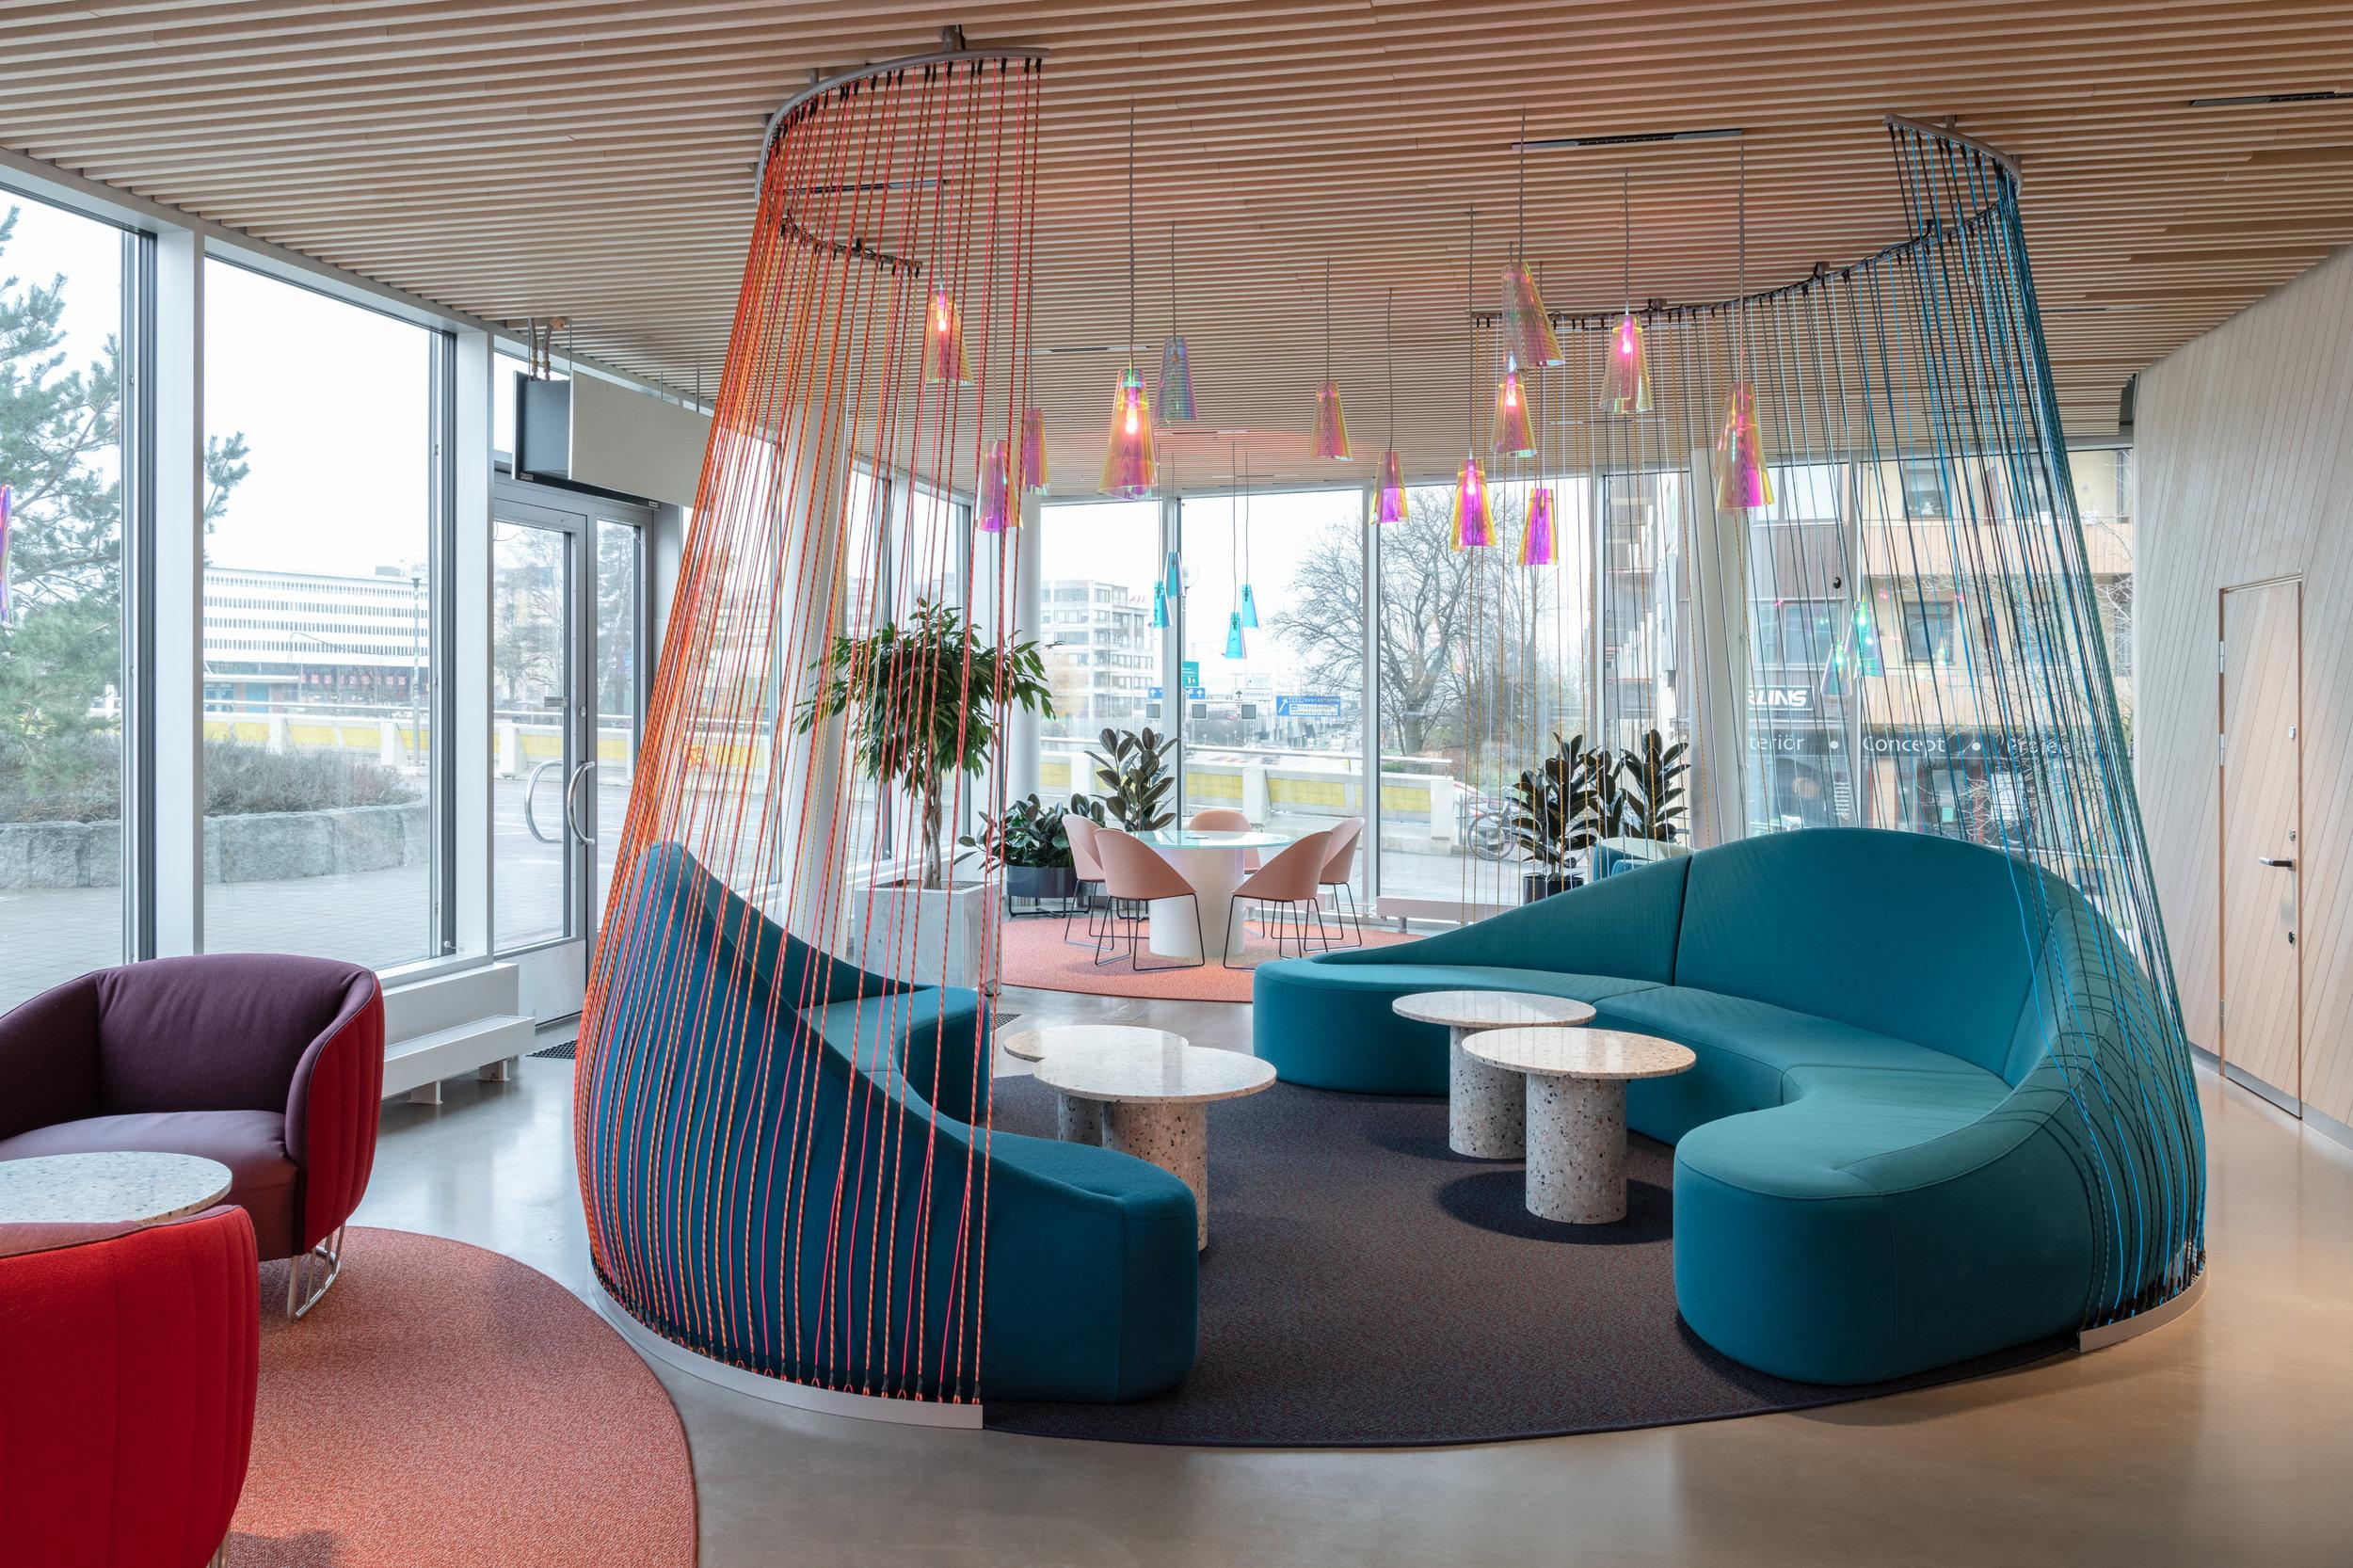 Studio-Stockholm-Lindelöfs-Office-Stockholm-Sweden-offecct-14457.jpg